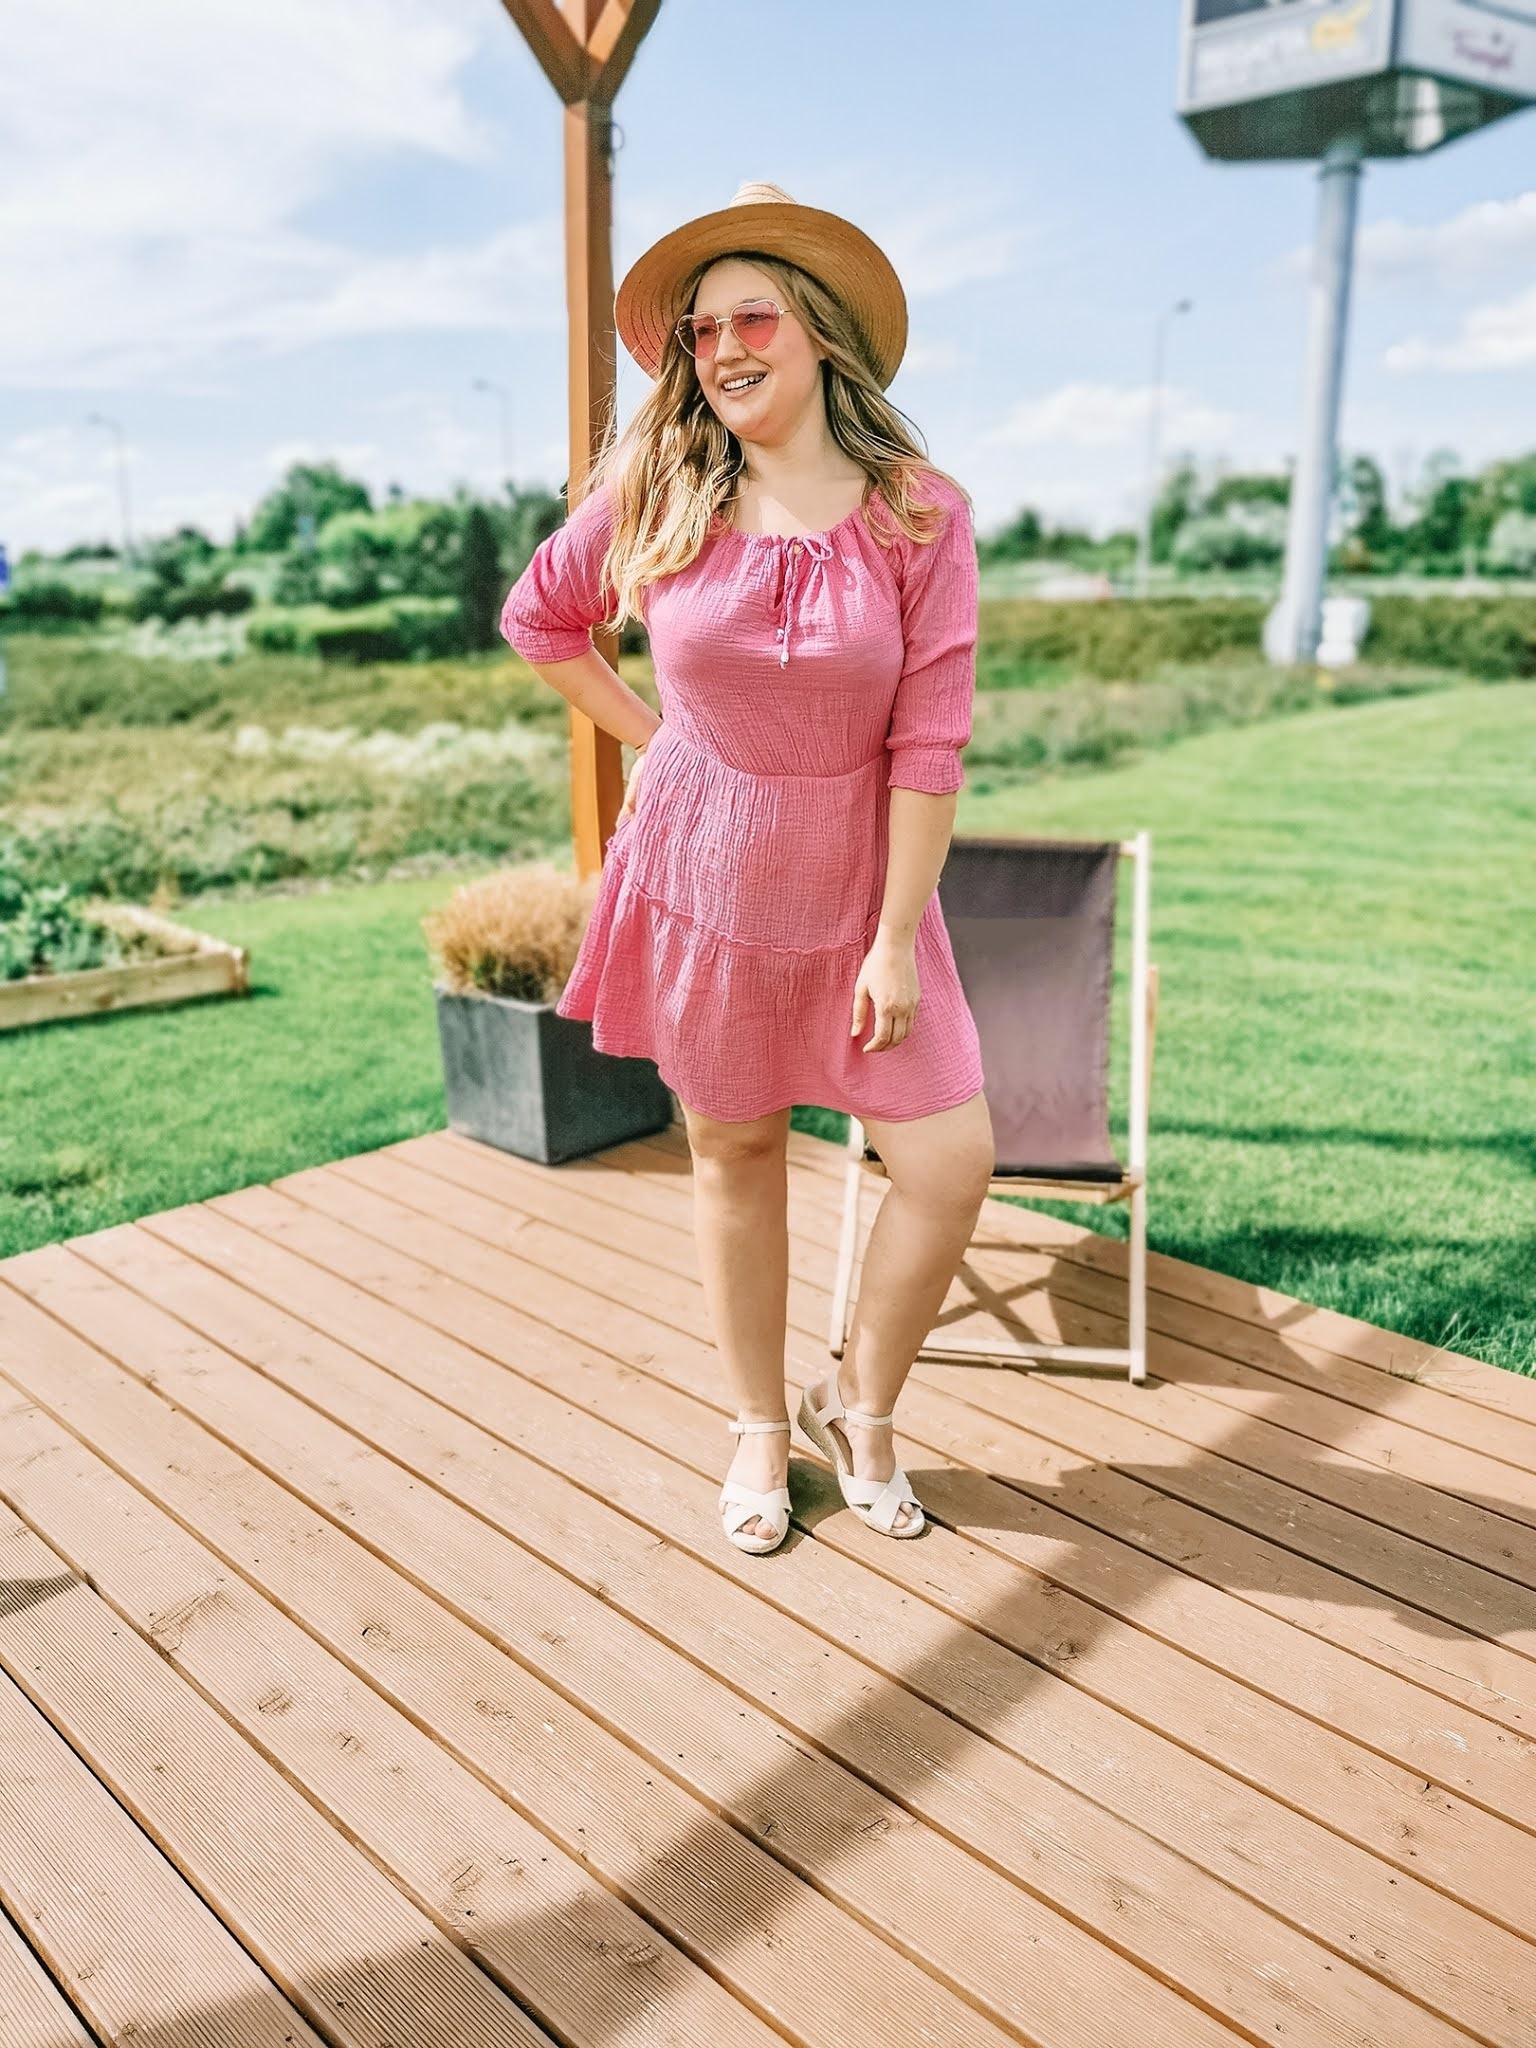 sukienka_kapelusz_stylizacja_letnia.jpg